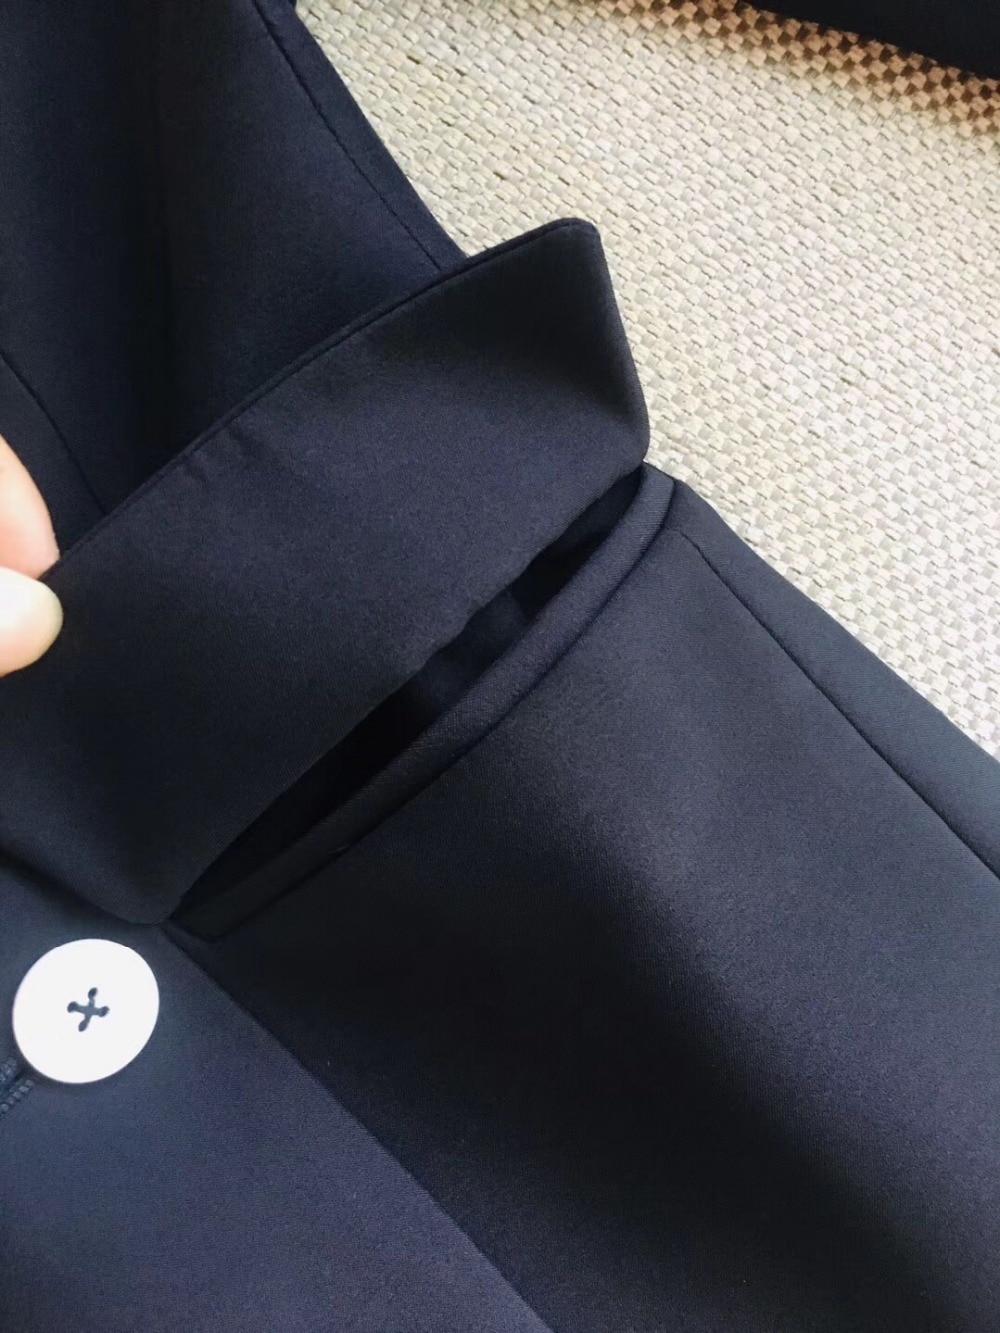 Ol Pantalon Costumes Croisé Ddxgz3 Blazer Mode Femmes 2019 Double Manteau FBqZSw6